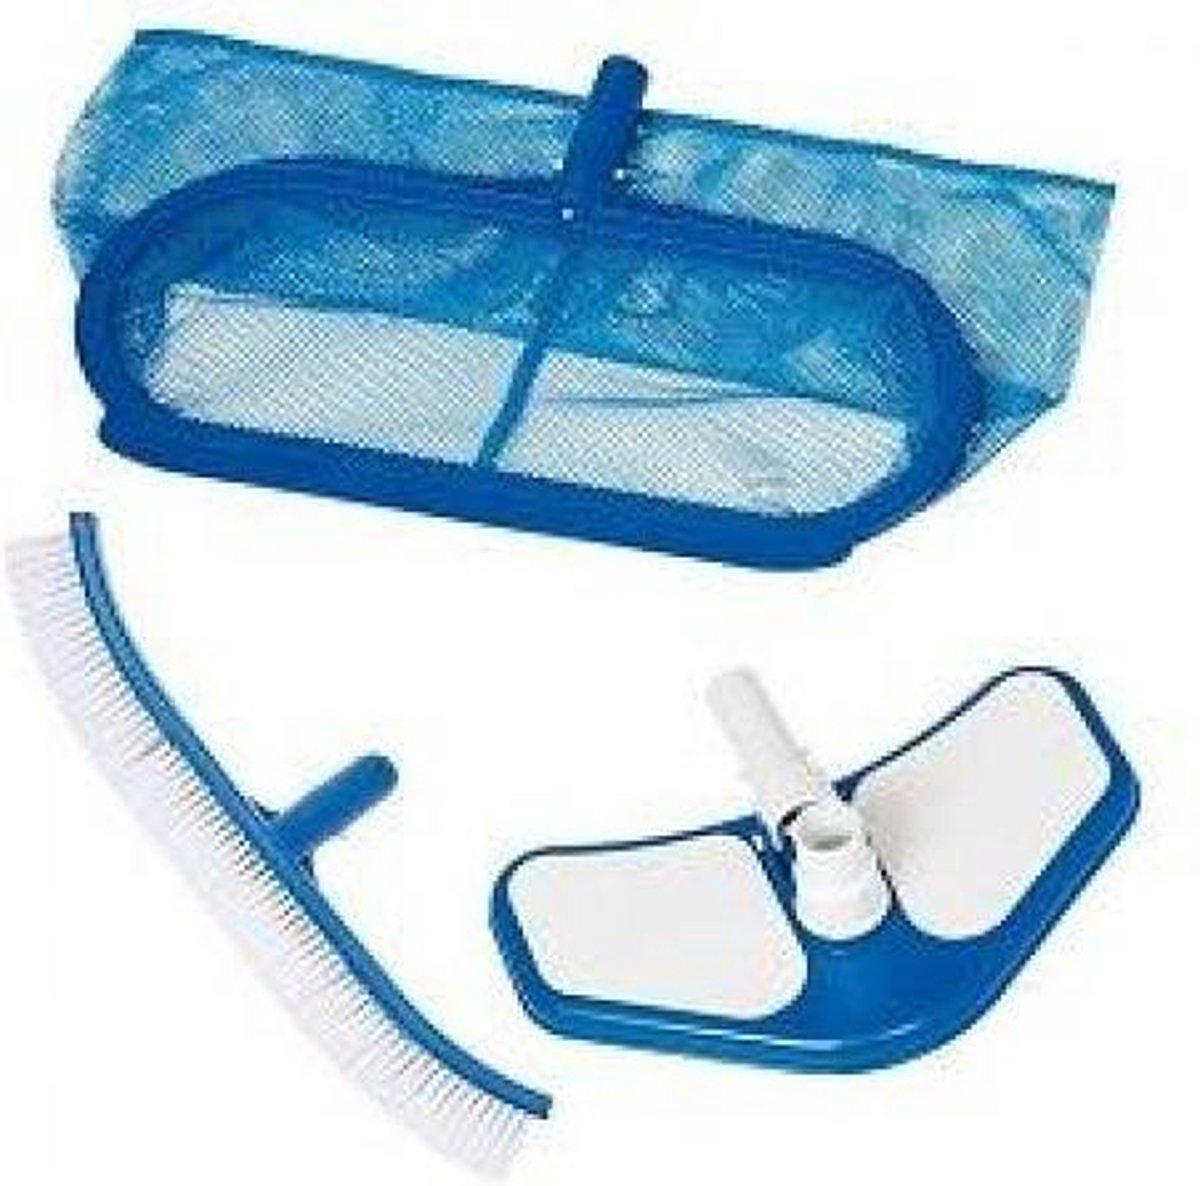 Intex Luxe Schoonmaakset Zwembad | schoonmaak onderdelen zwembad |Skimmernet | Wandborstel | vacuumborstel | voor 29.8 mm steel